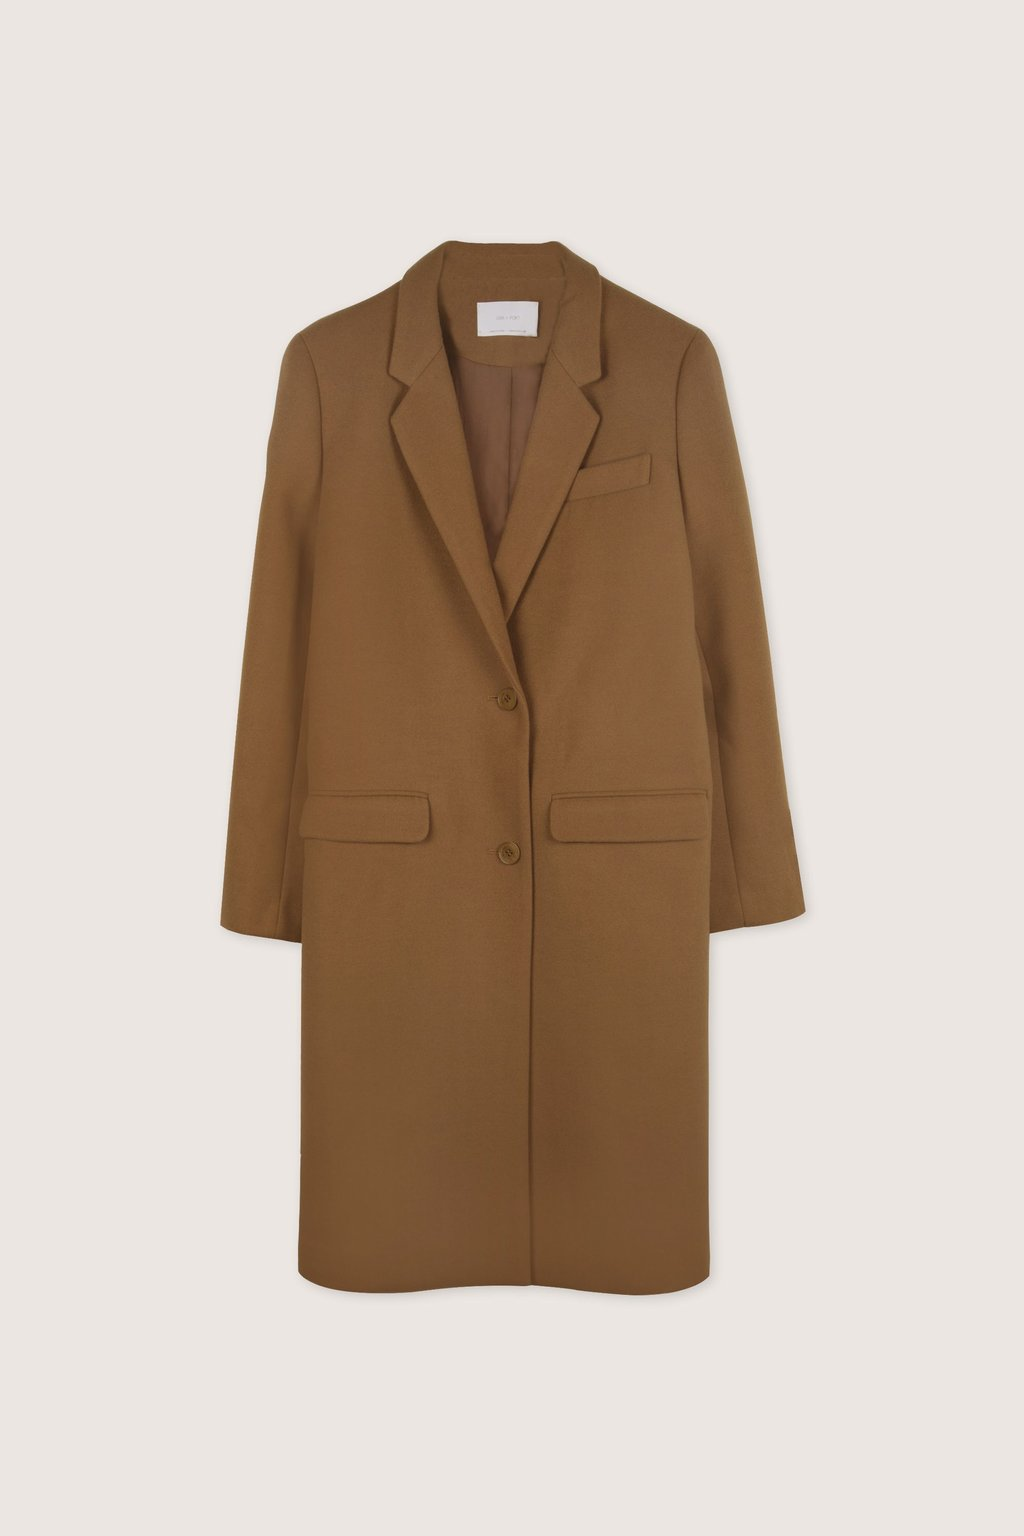 Coat 1888 Camel 7